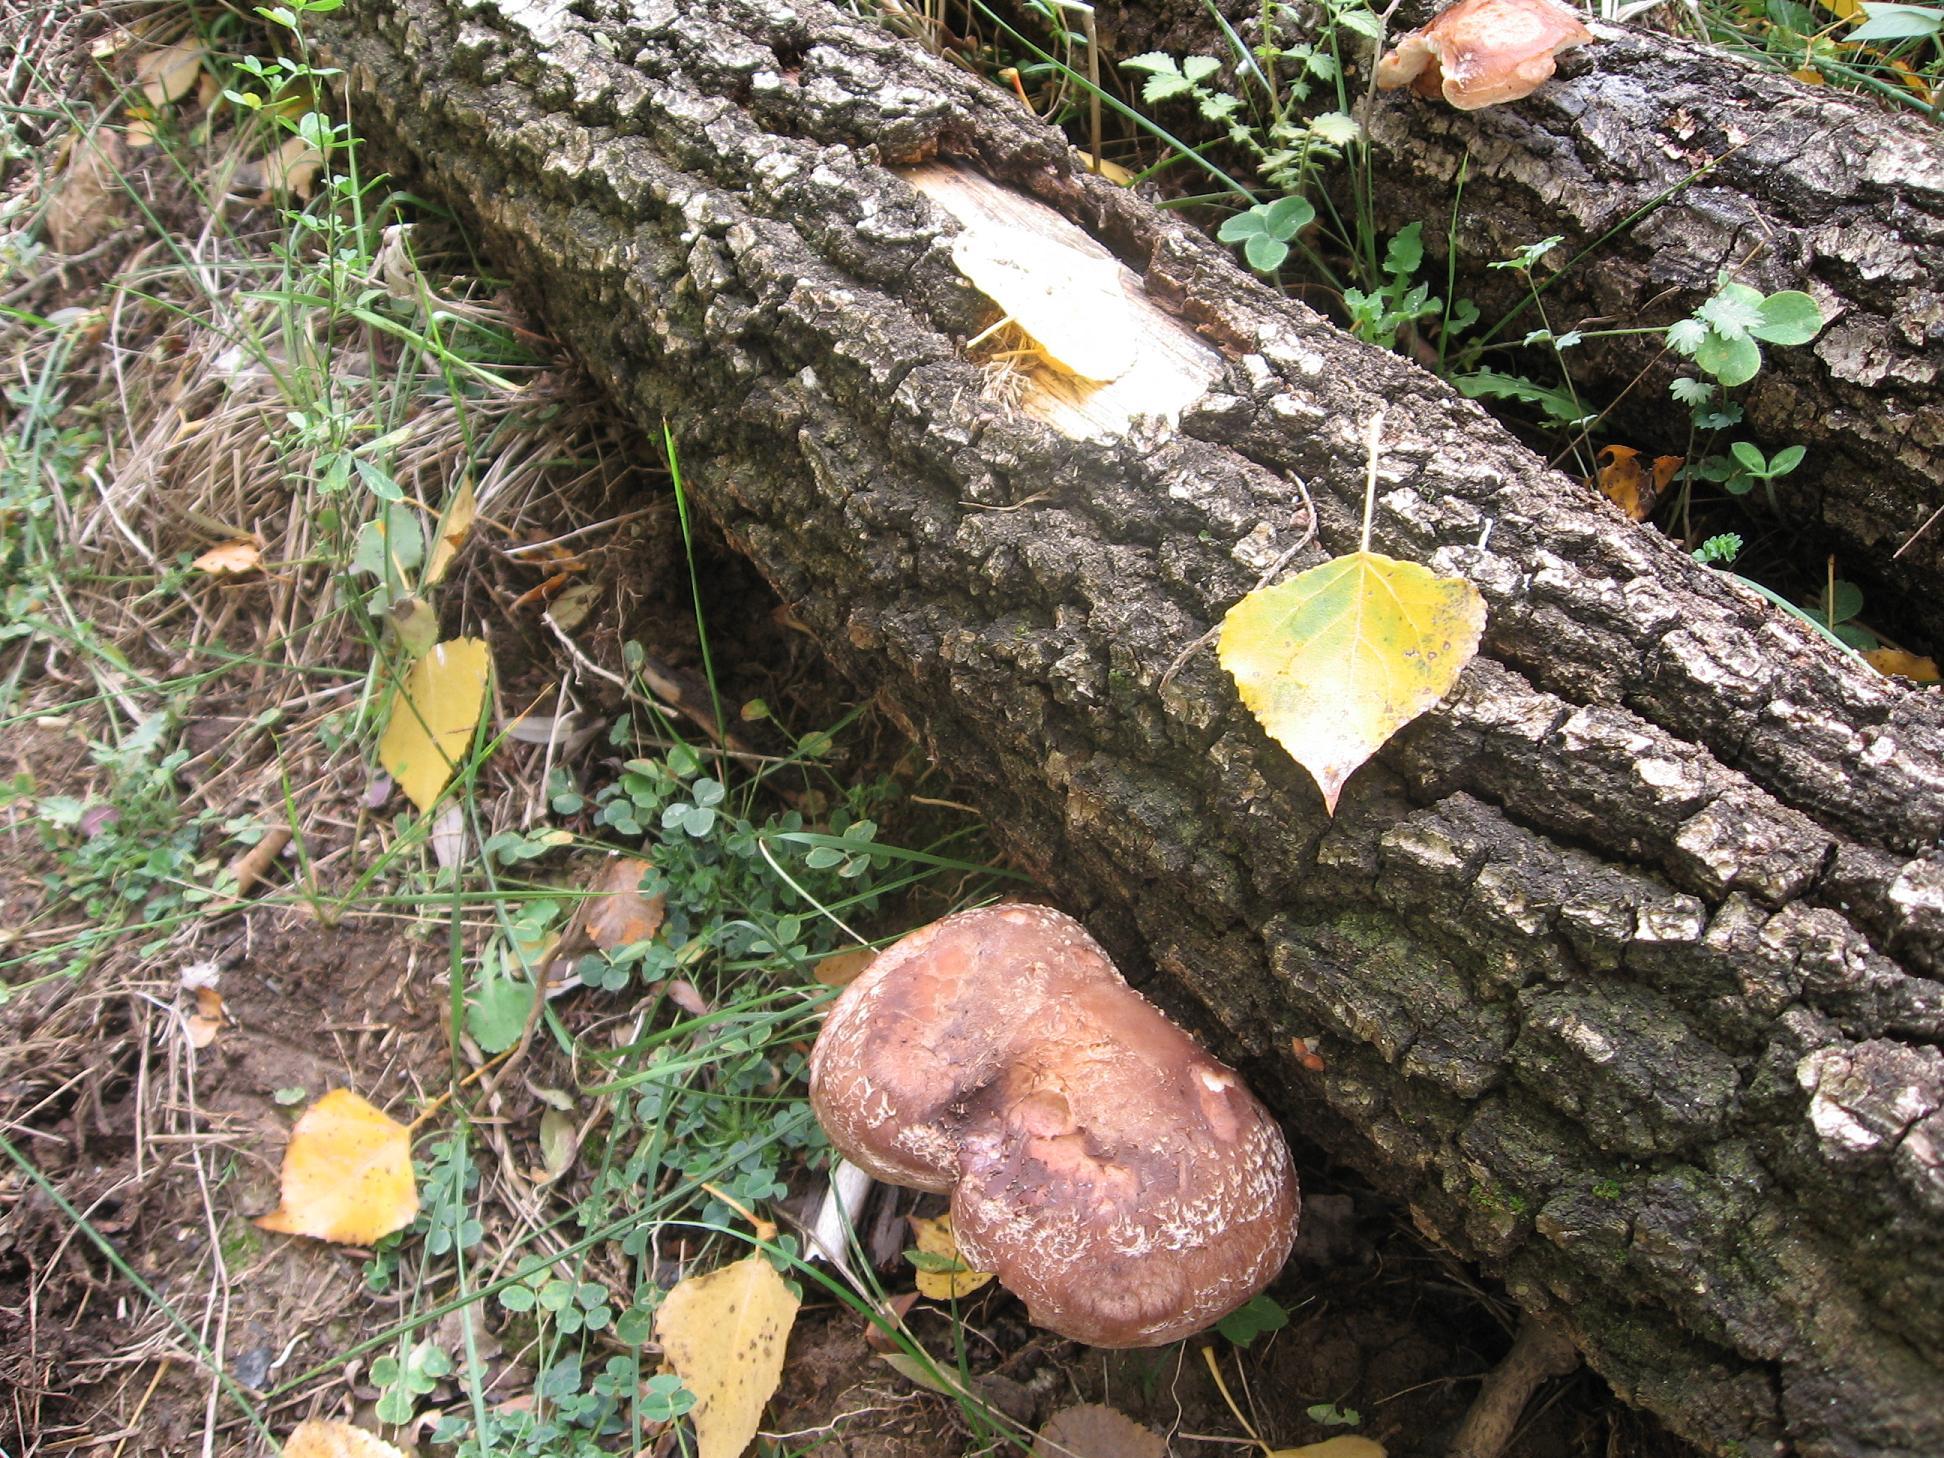 Setas creciendo sobre uno de los troncos.